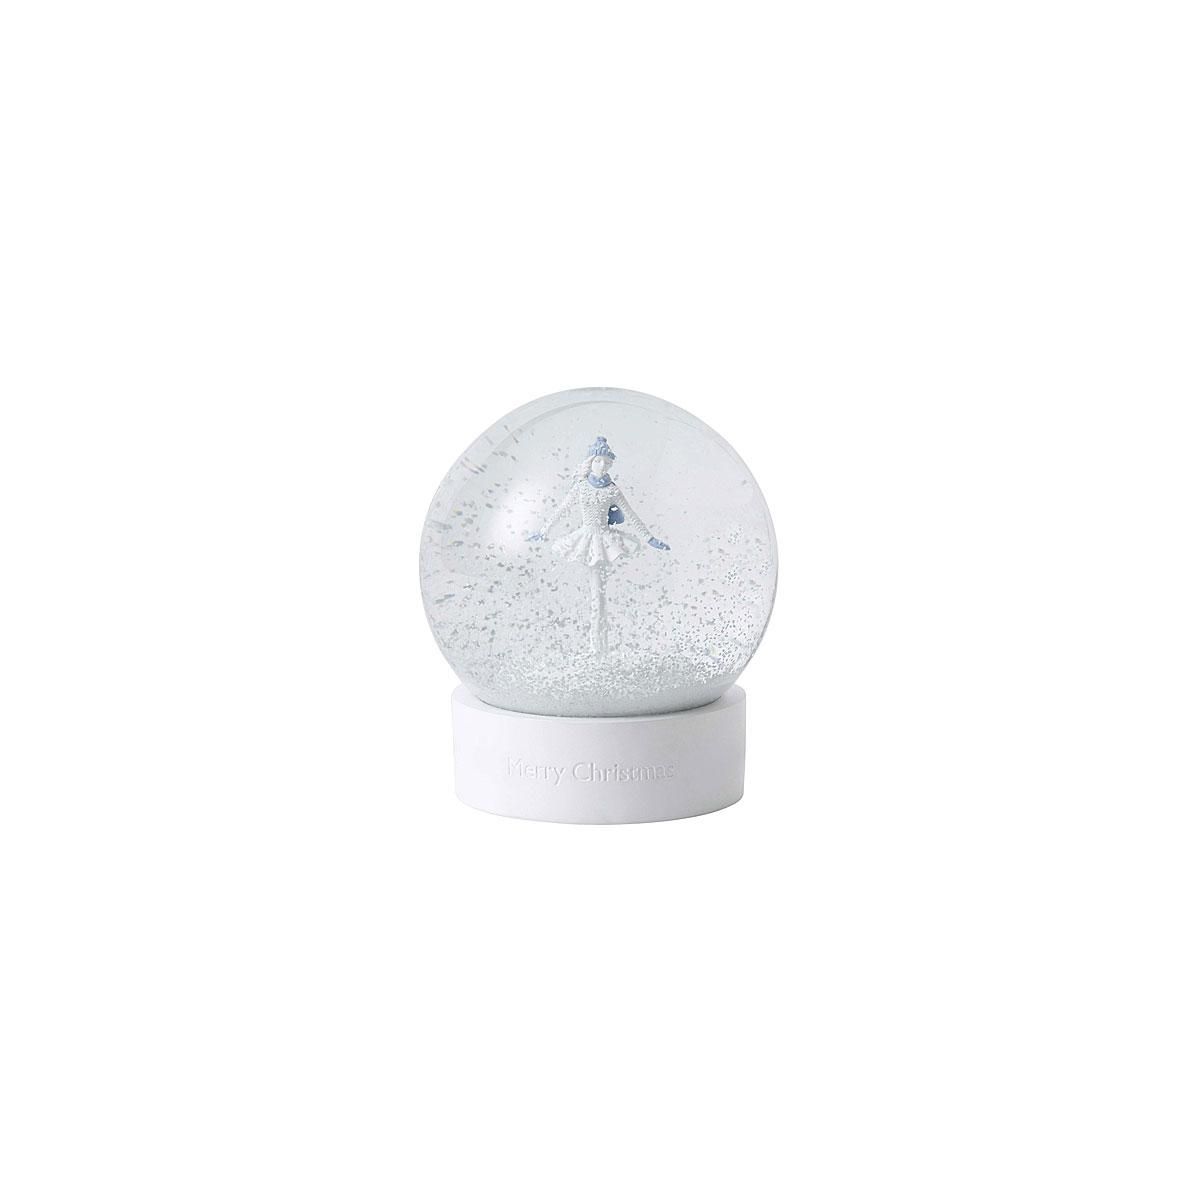 Wedgwood 2020 Snowglobe